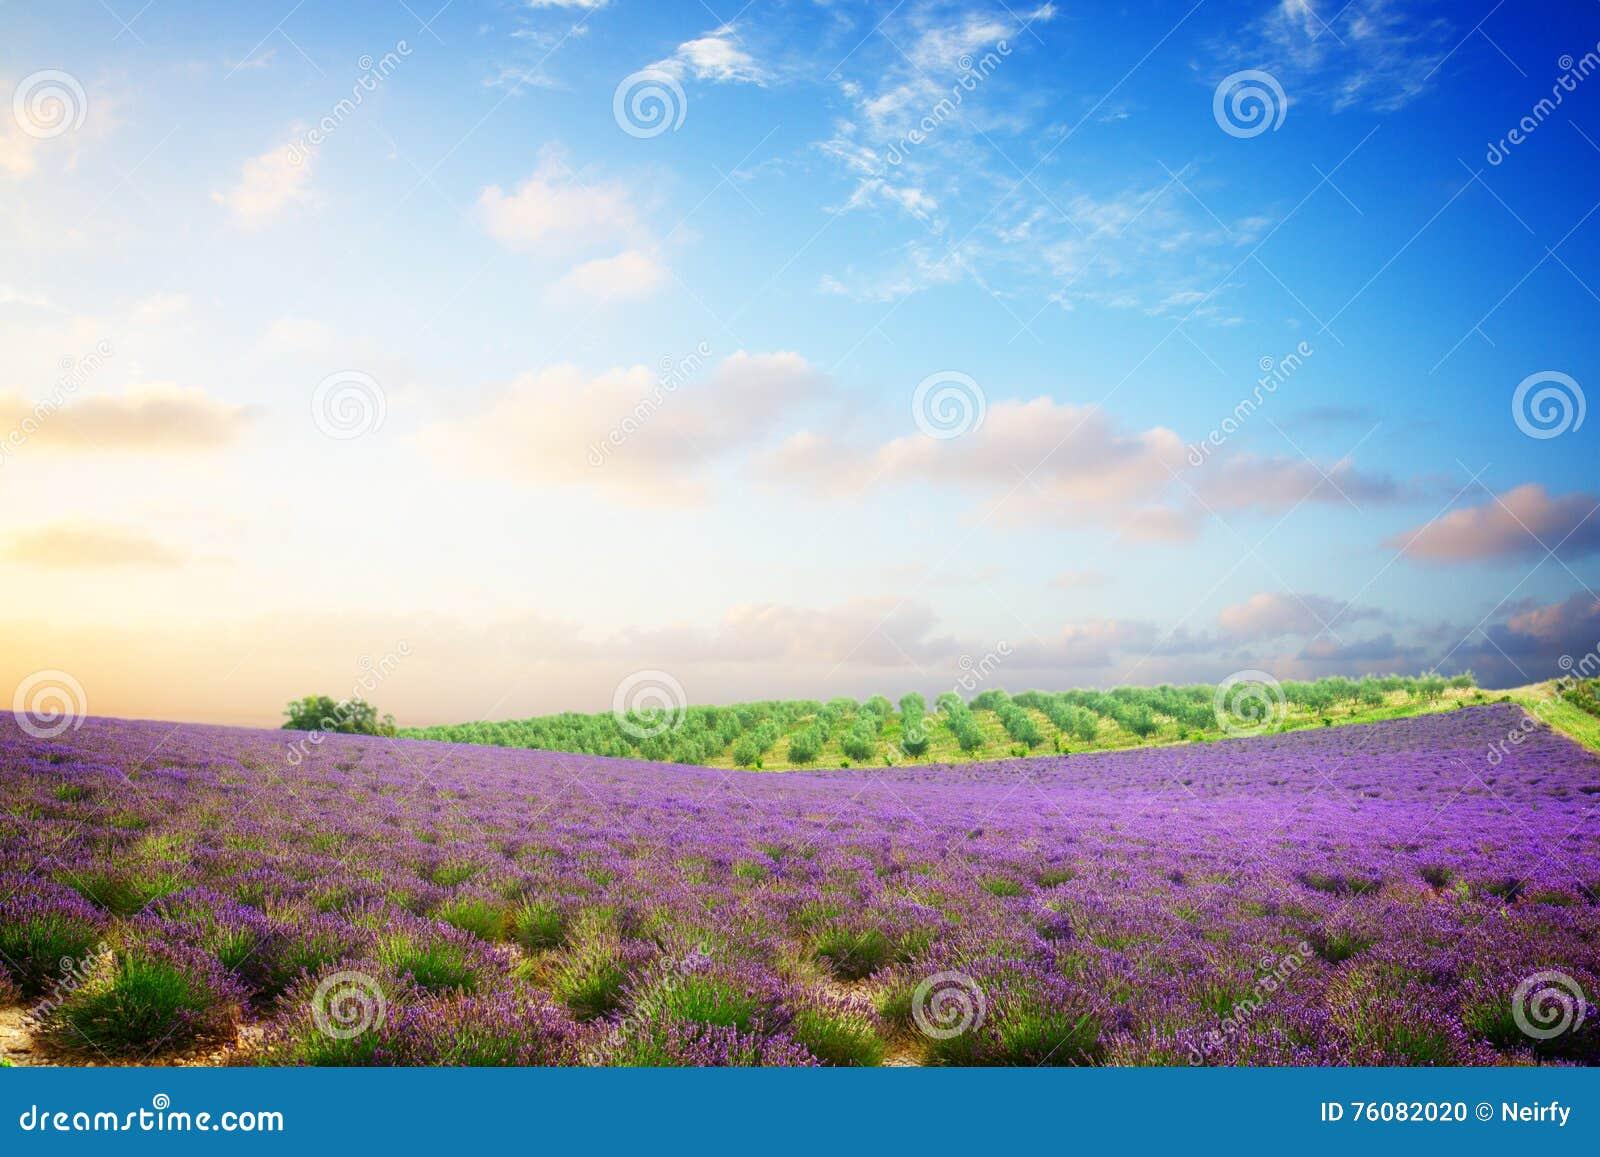 Gisement de floraison de lavande